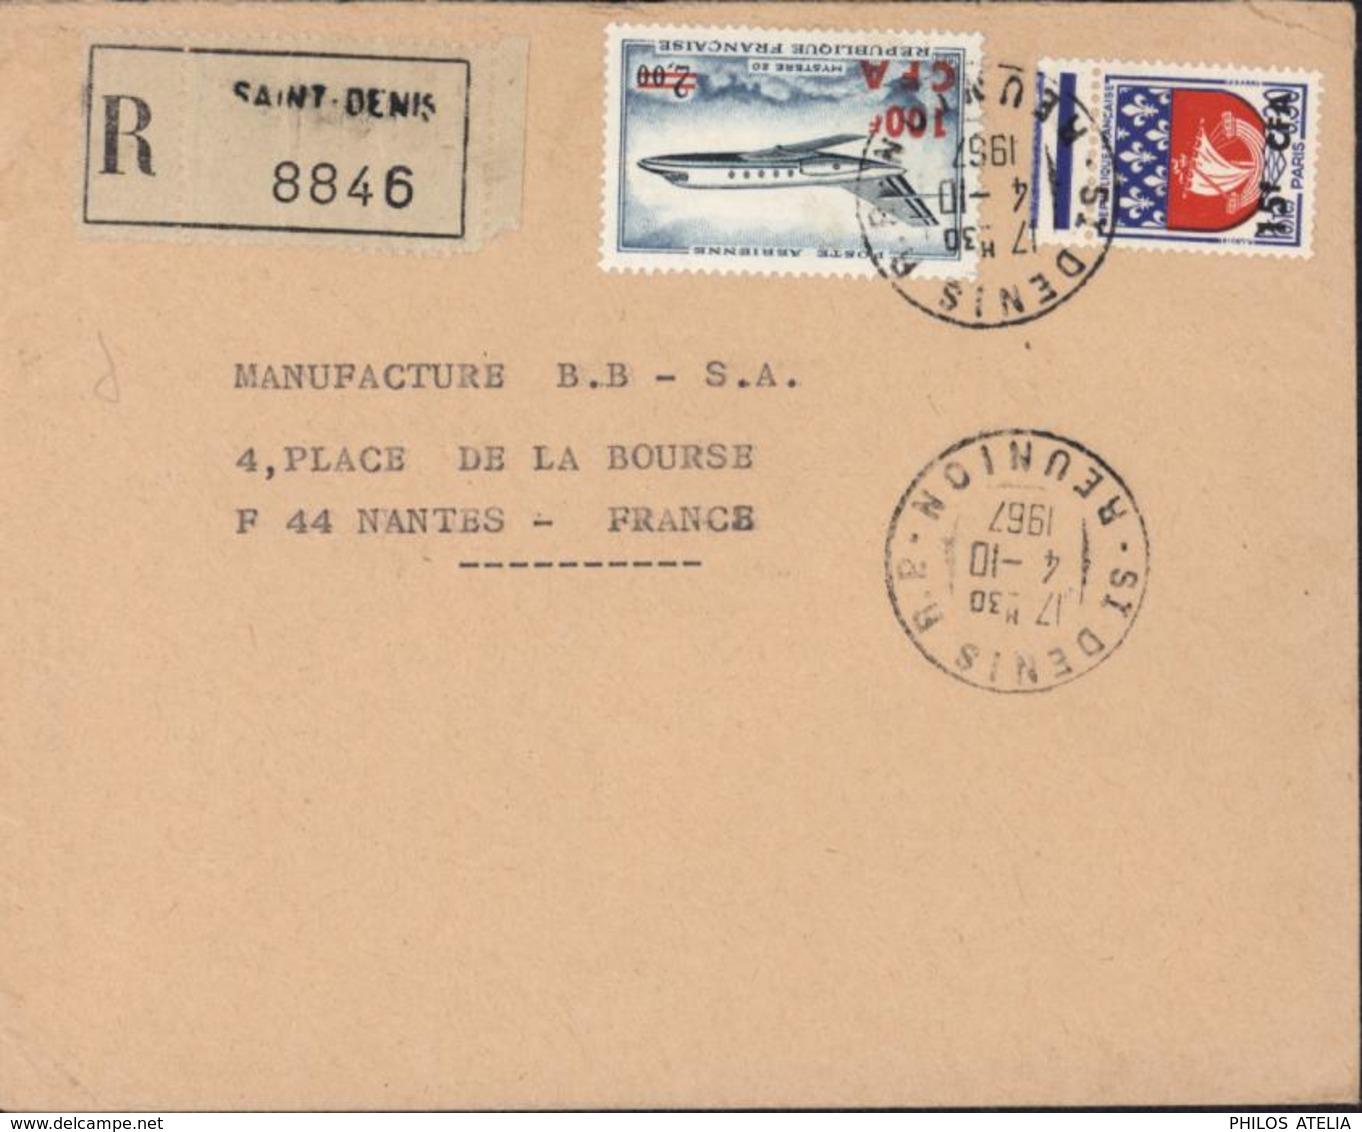 Recommandé Vignette + CAD St Denis RP Réunion 4 10 1967 YT Ae 61 + 350A Arrivée Nantes 7 10 67 - Covers & Documents